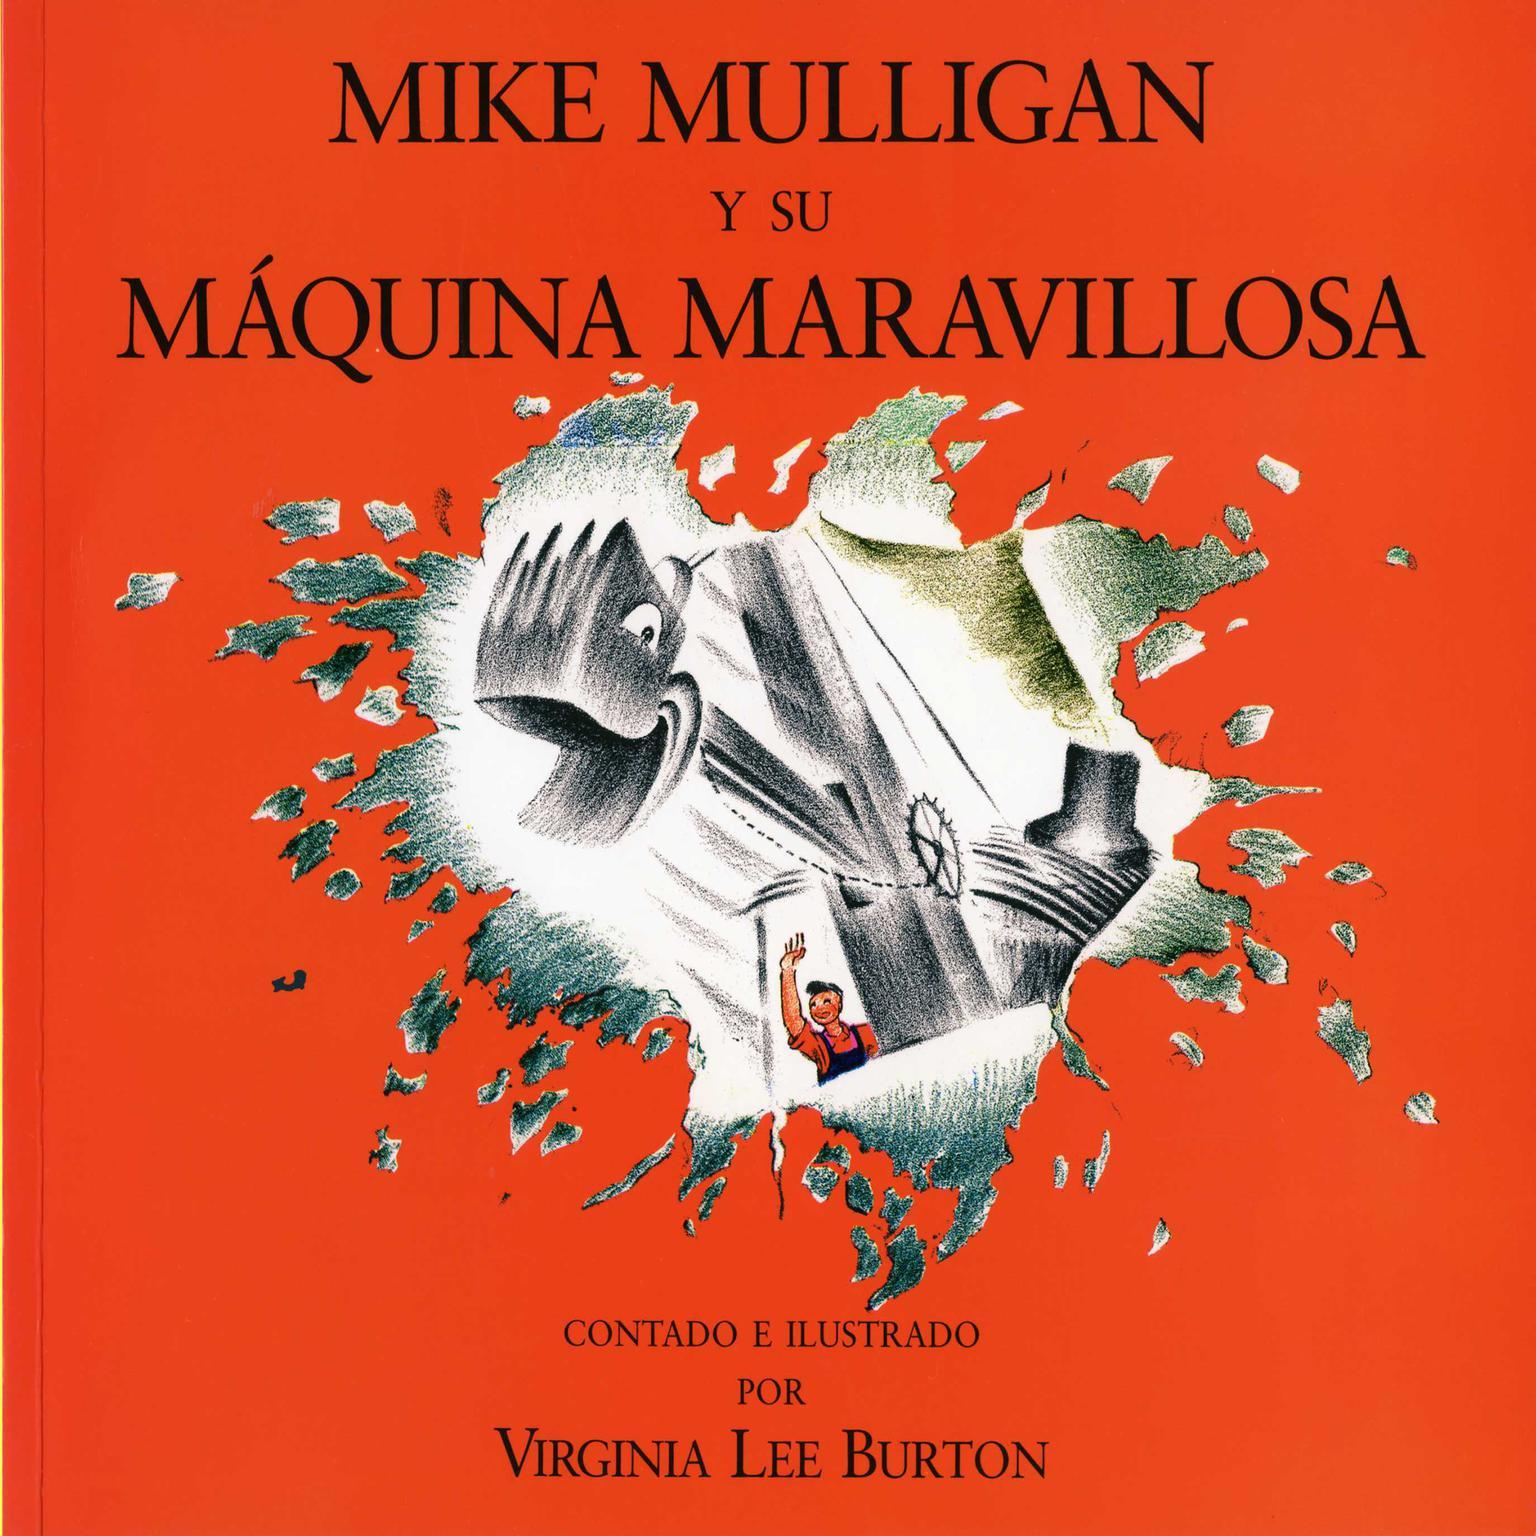 Mike Mulligan y su Maquina Maravillosa Audiobook, by Virginia Lee Burton